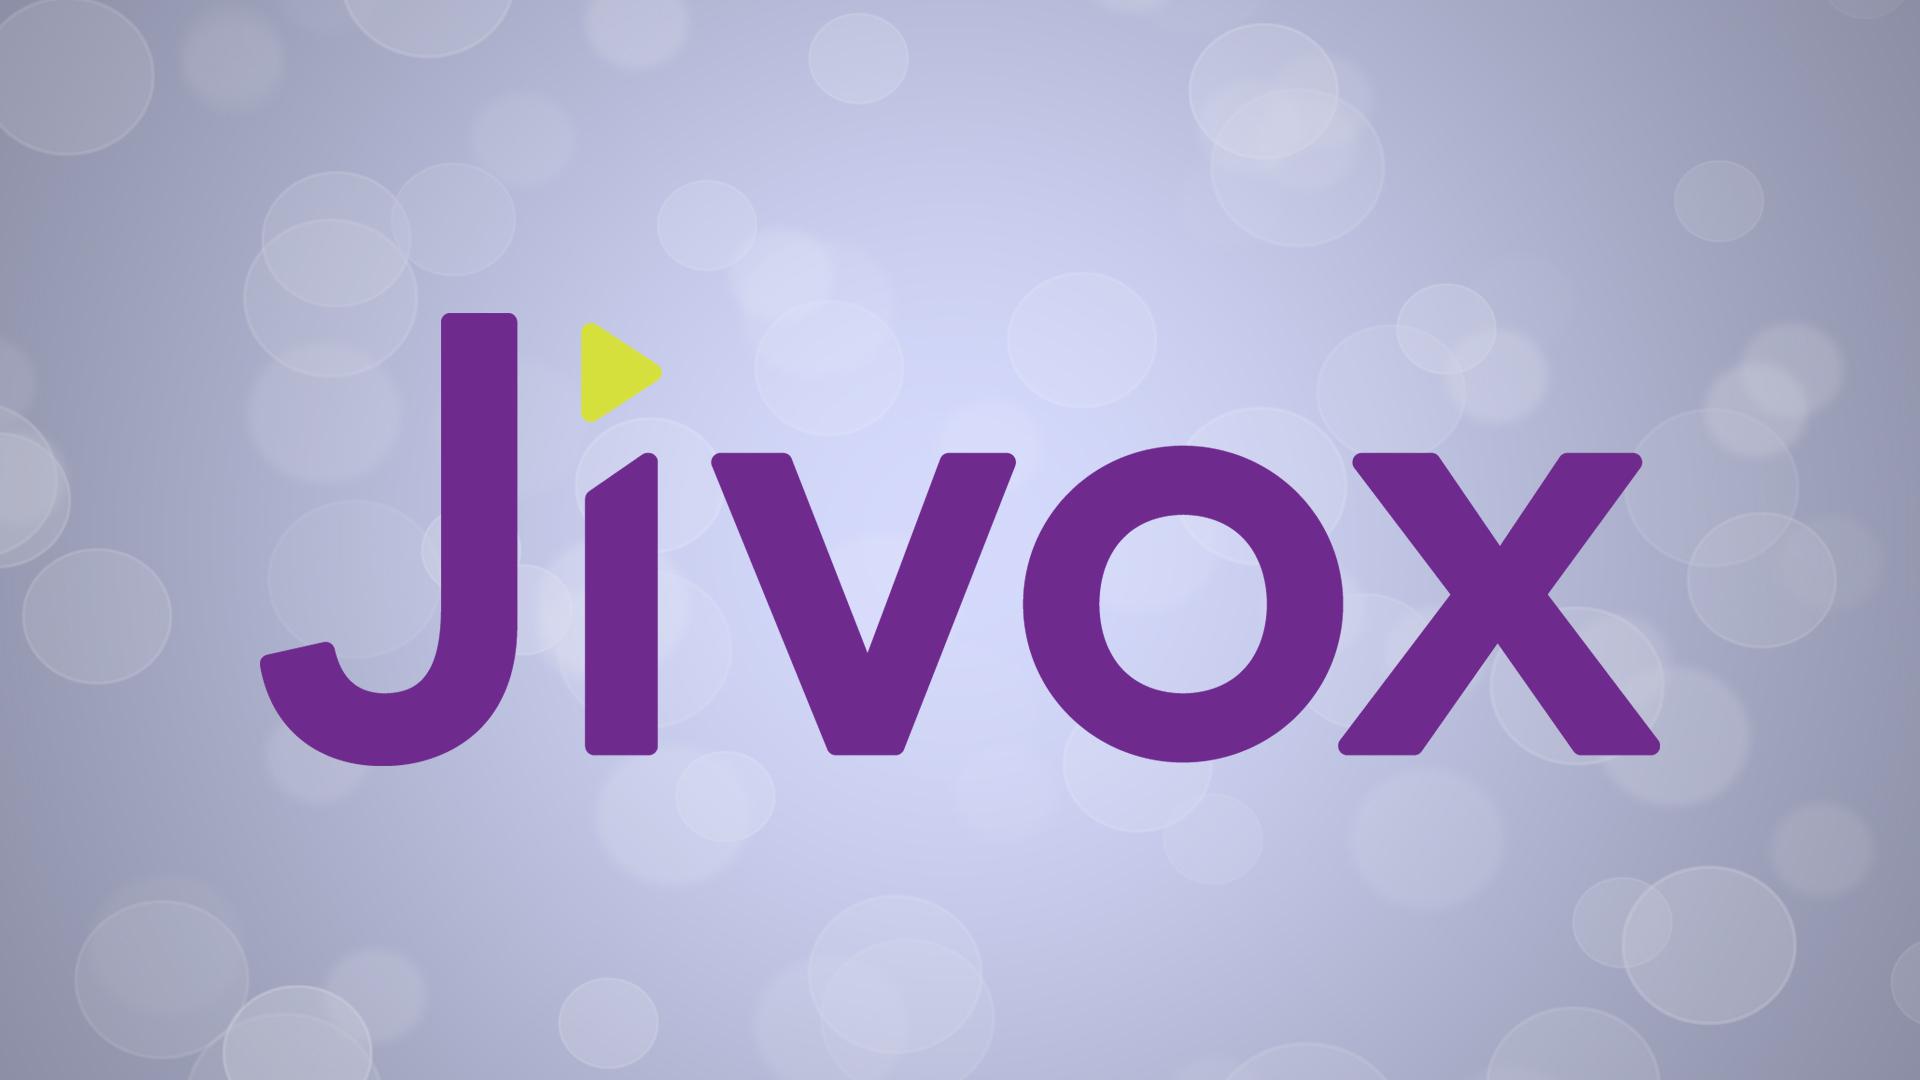 Jivox Image